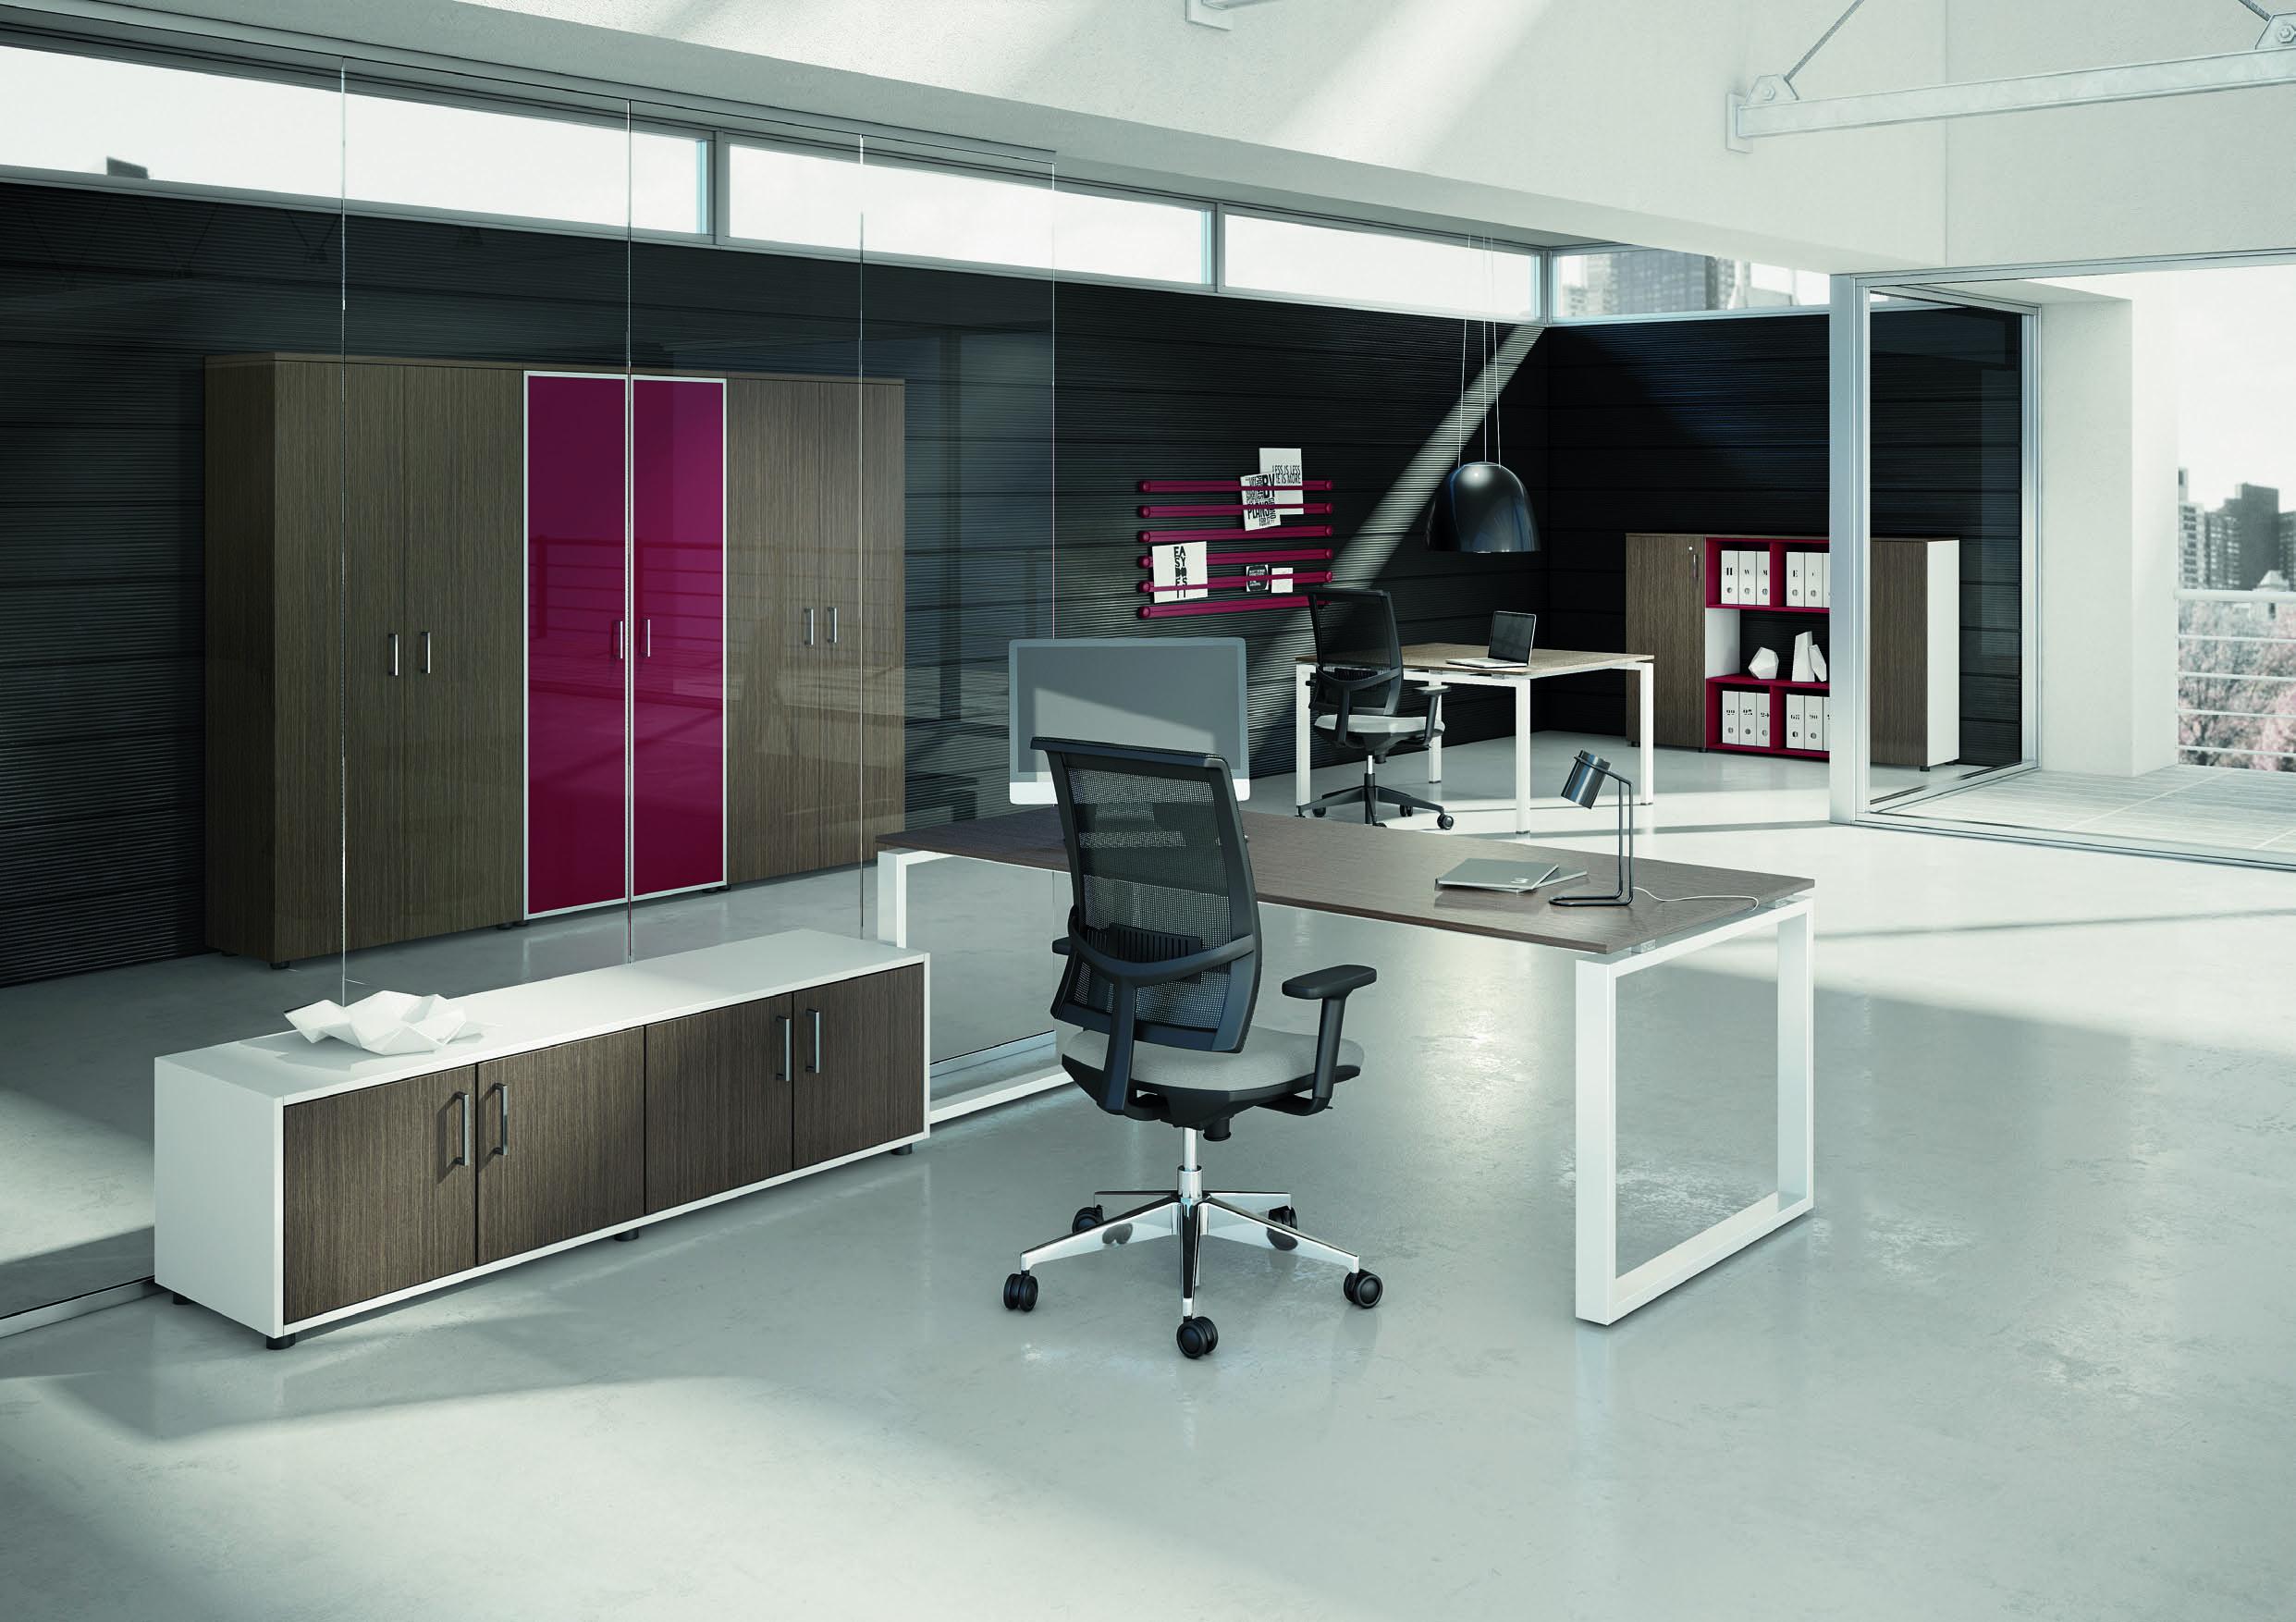 Offerta ufficio operativo completo 649 00 gimaoffice for Ufficio completo offerte